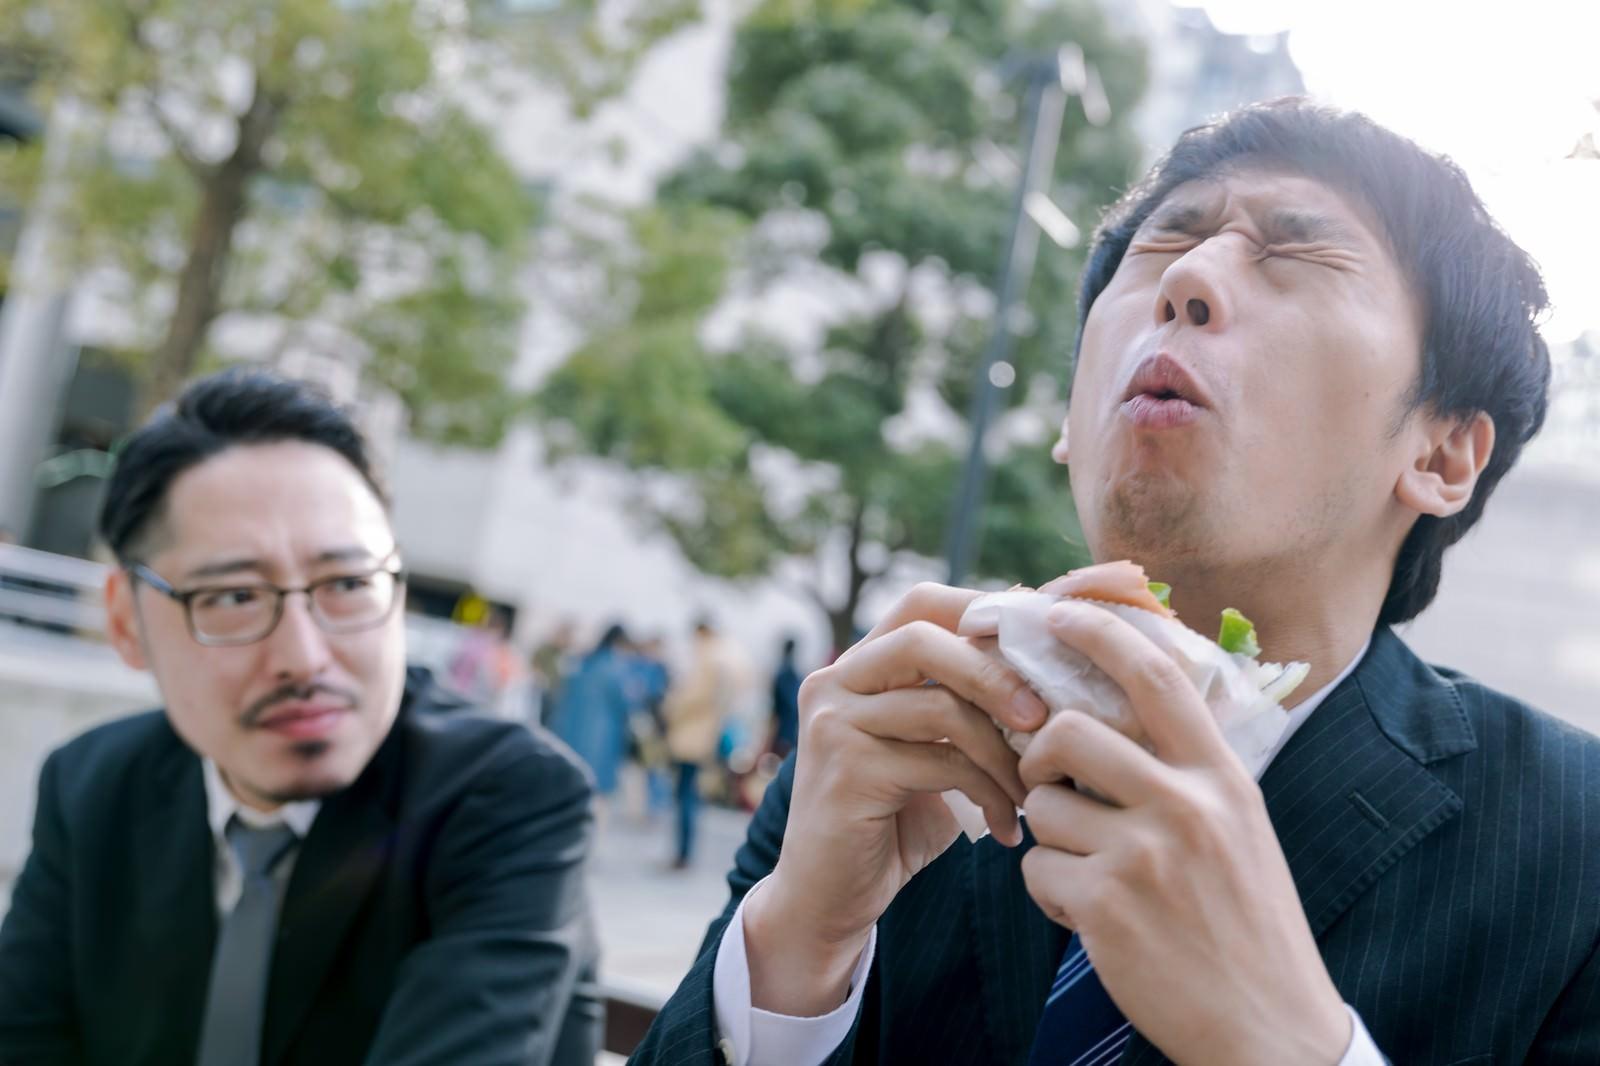 「カメラが回っている時だけオーバーリアクション気味にグルメレビューする男性と横目のプロデューサー」の写真[モデル:ゆうせい 大川竜弥]